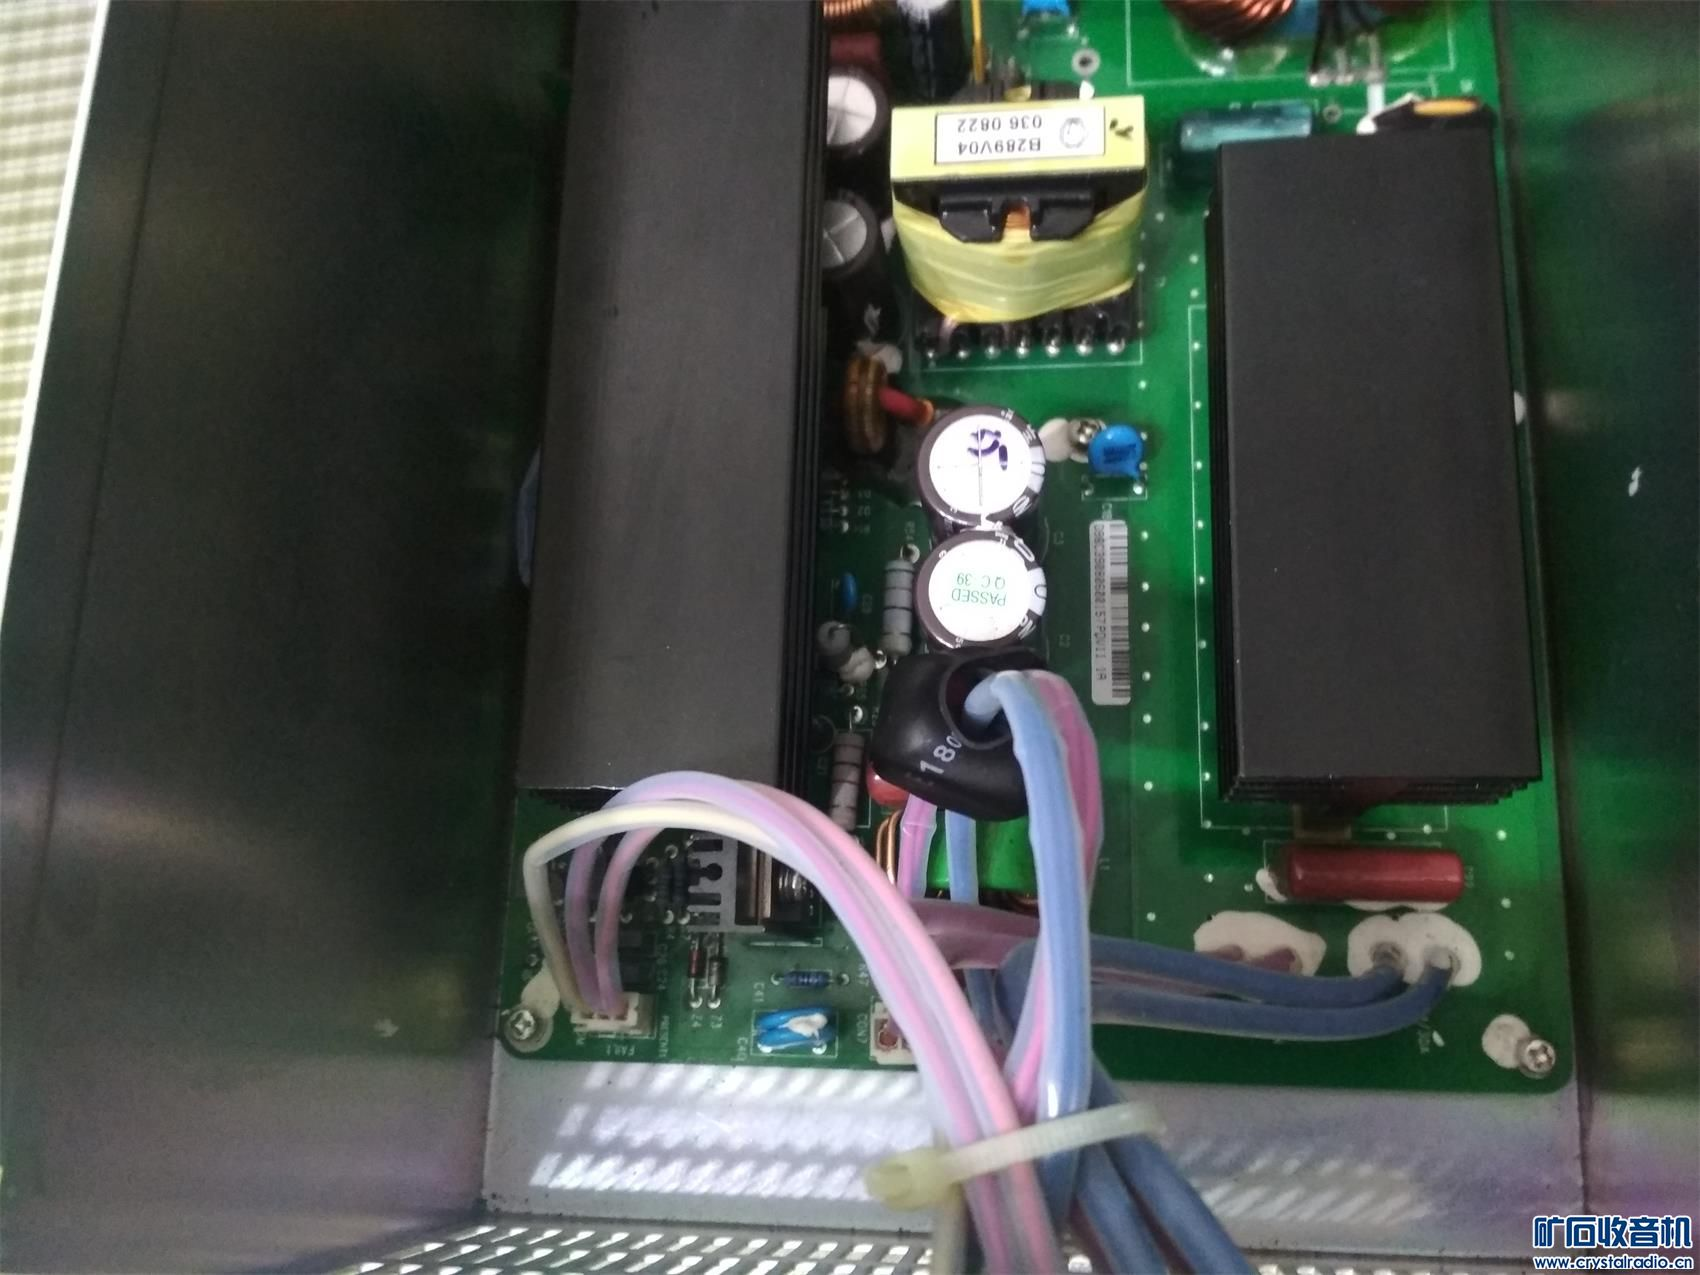 3967号大功率dc-dc电路(工作正常)加漂亮机箱90元 (9).jpg